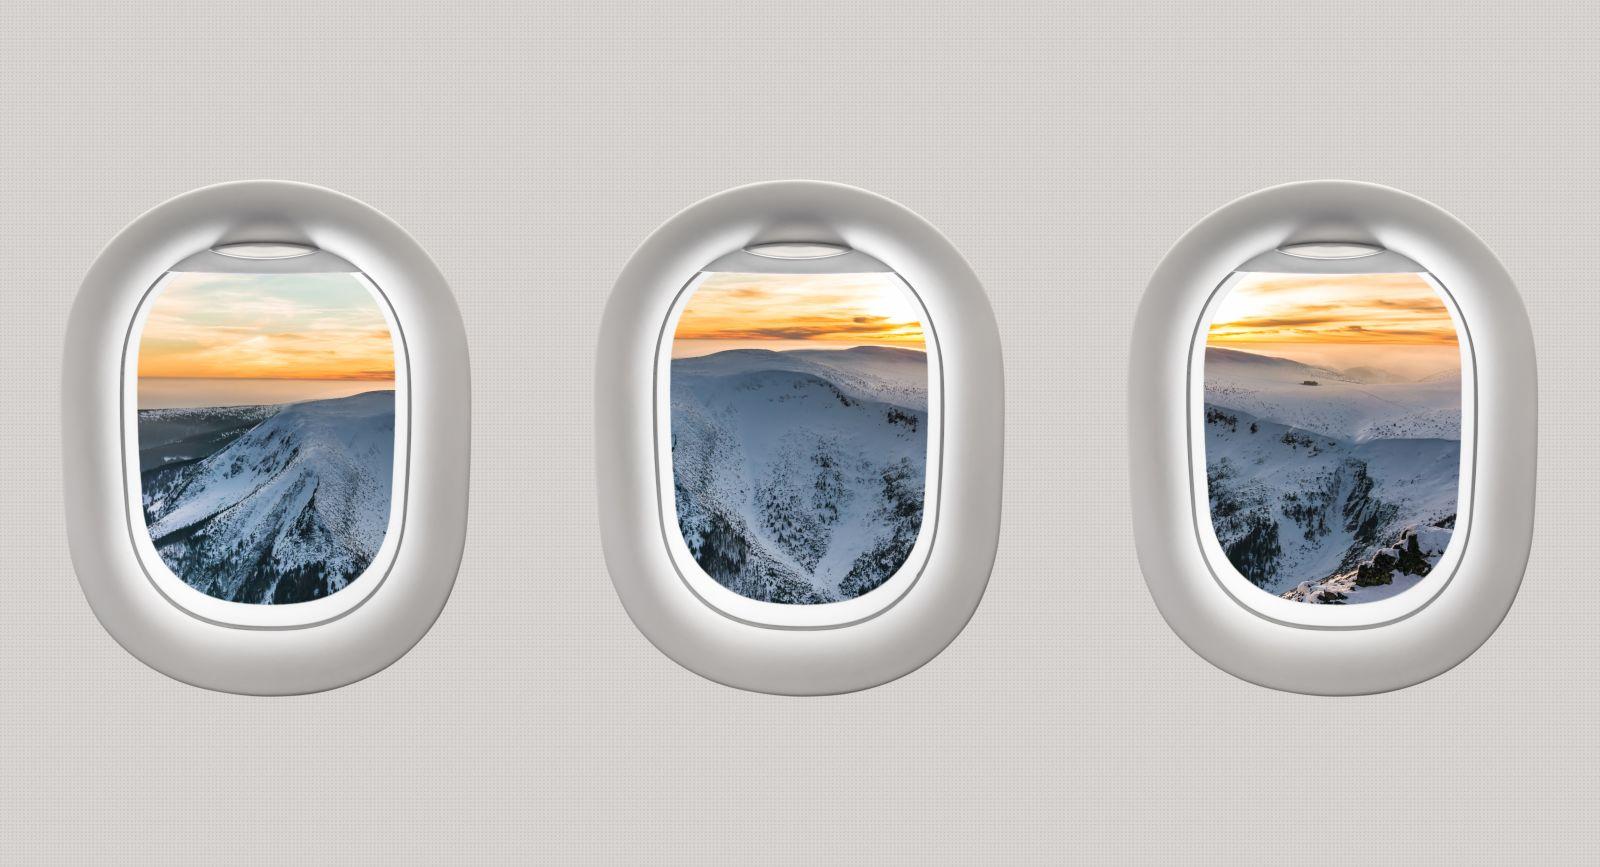 Blick aus den Fenstern eines Flugzeuges auf Berge